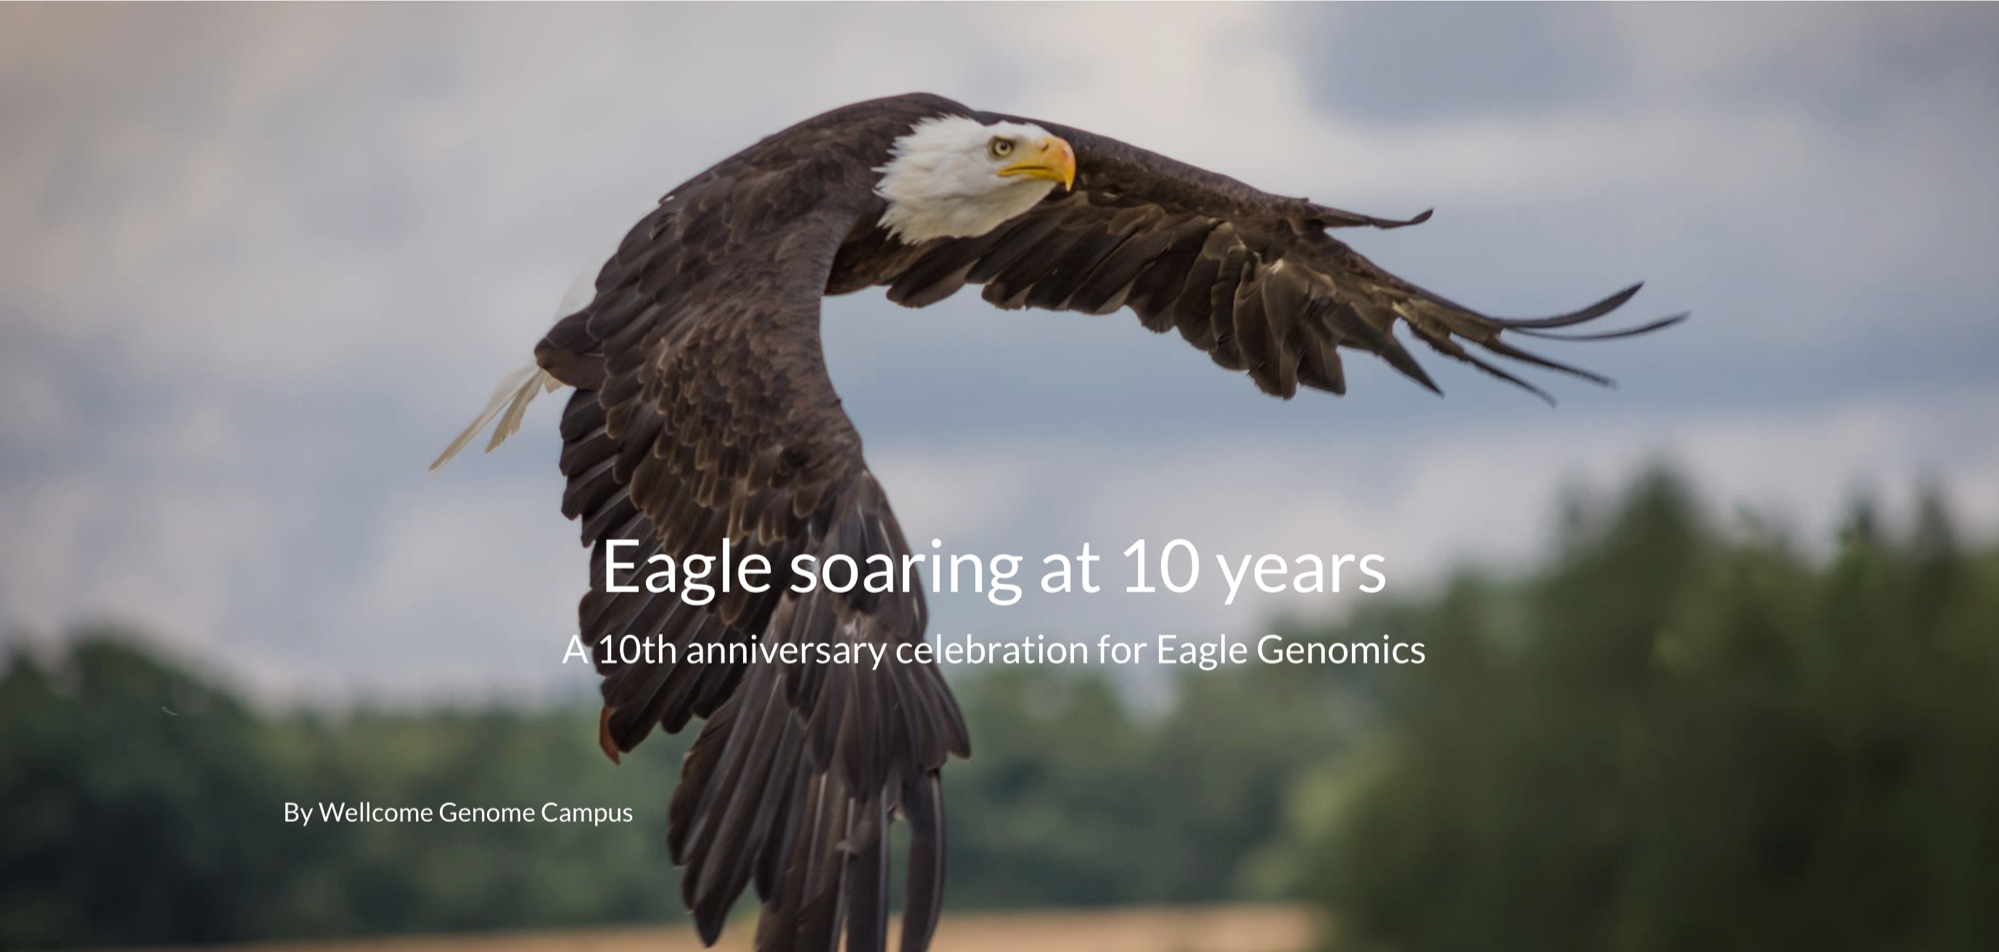 Eagle at 10